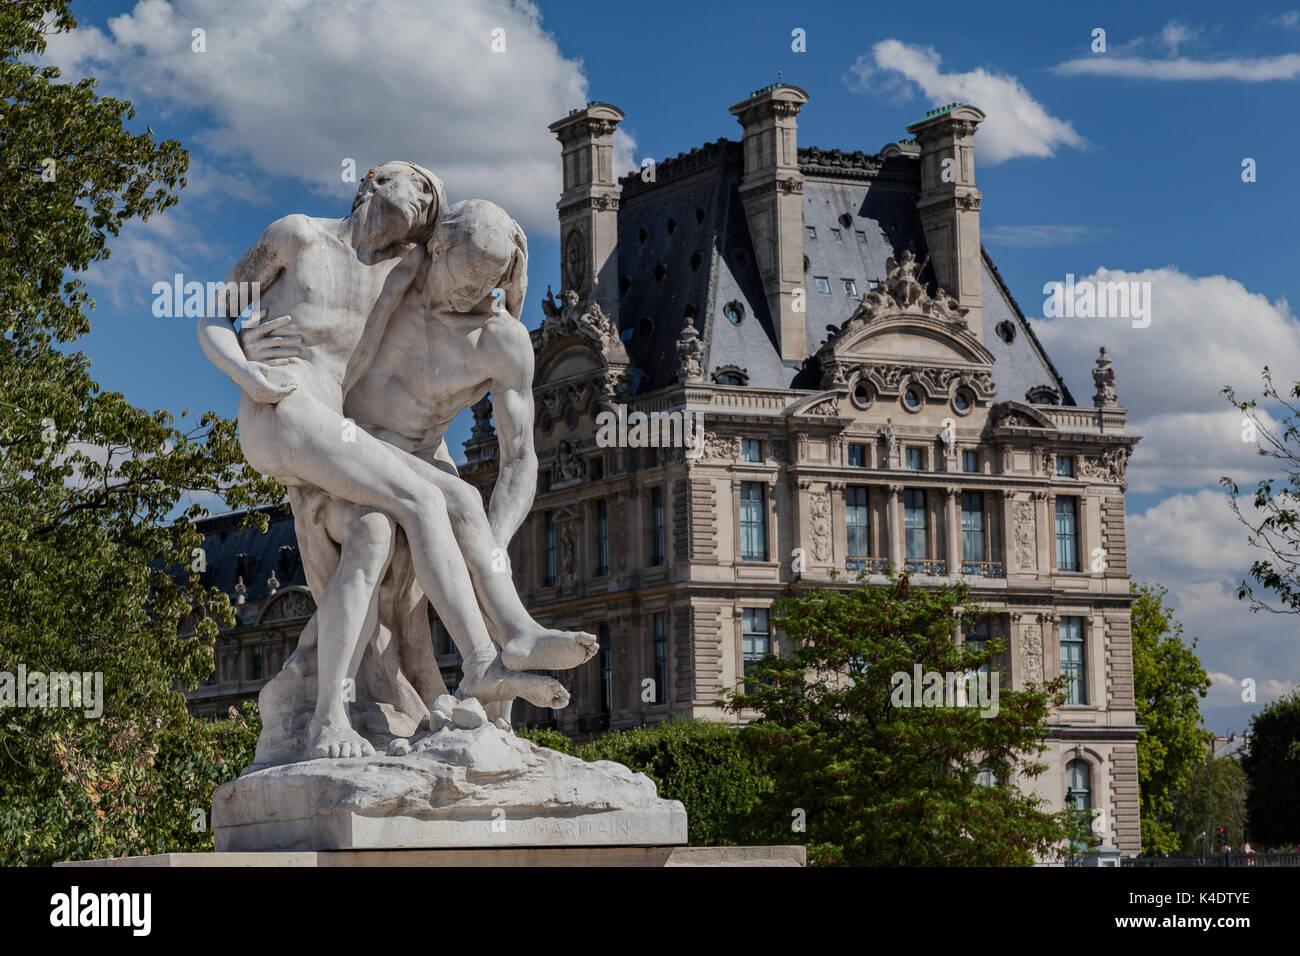 Sculpture Louvre Museum Paris France Stock Photo